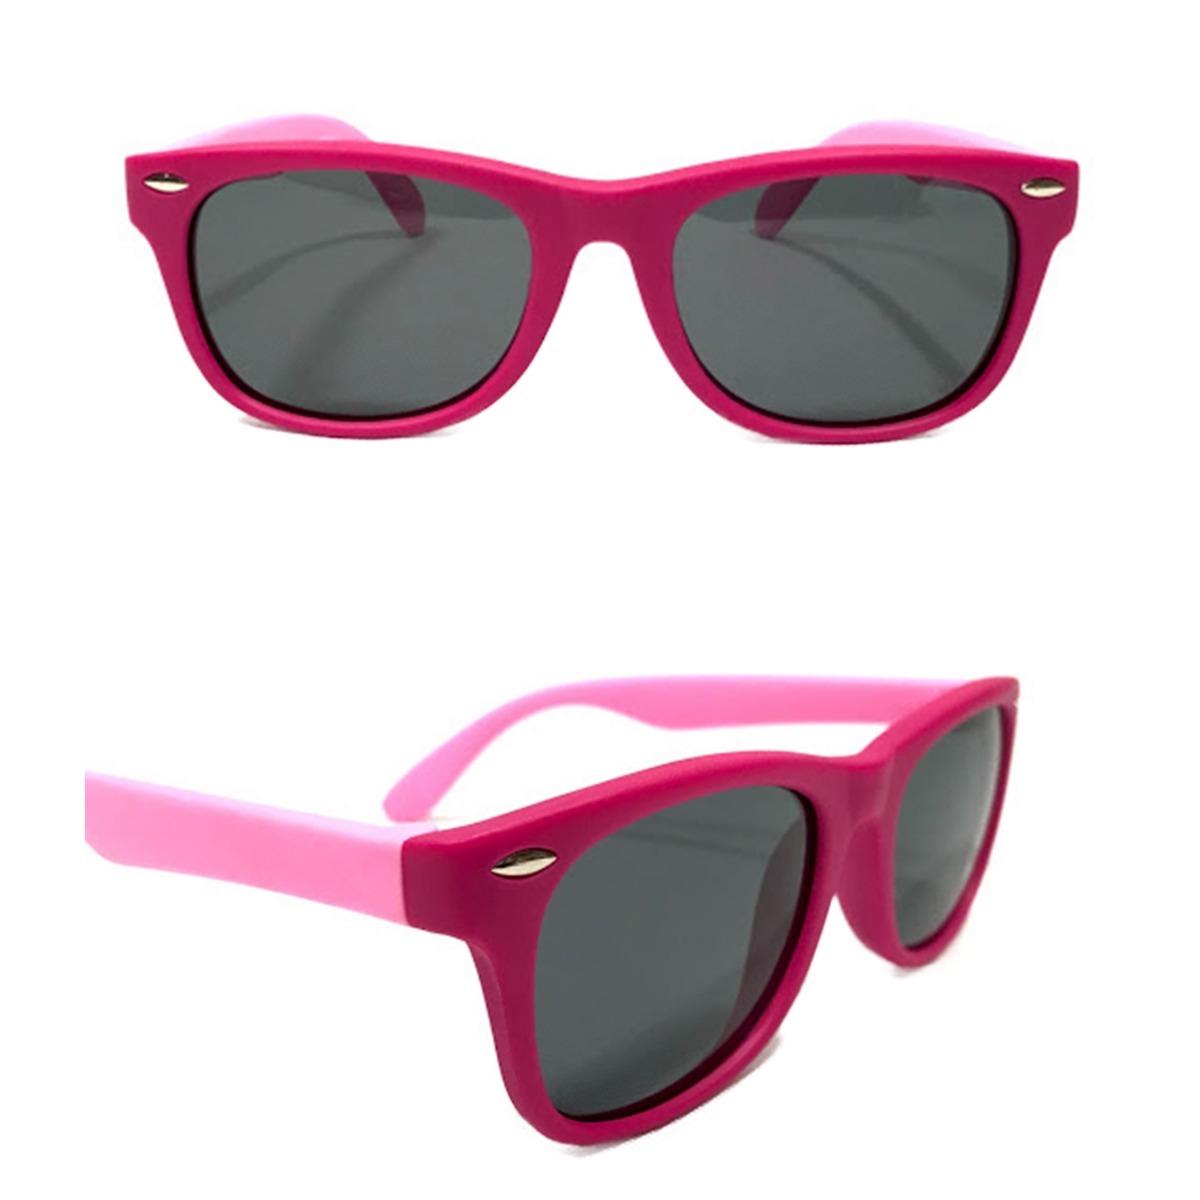 5522c1526 oculos de sol infantil lente polarizada silicone 802. Carregando zoom.